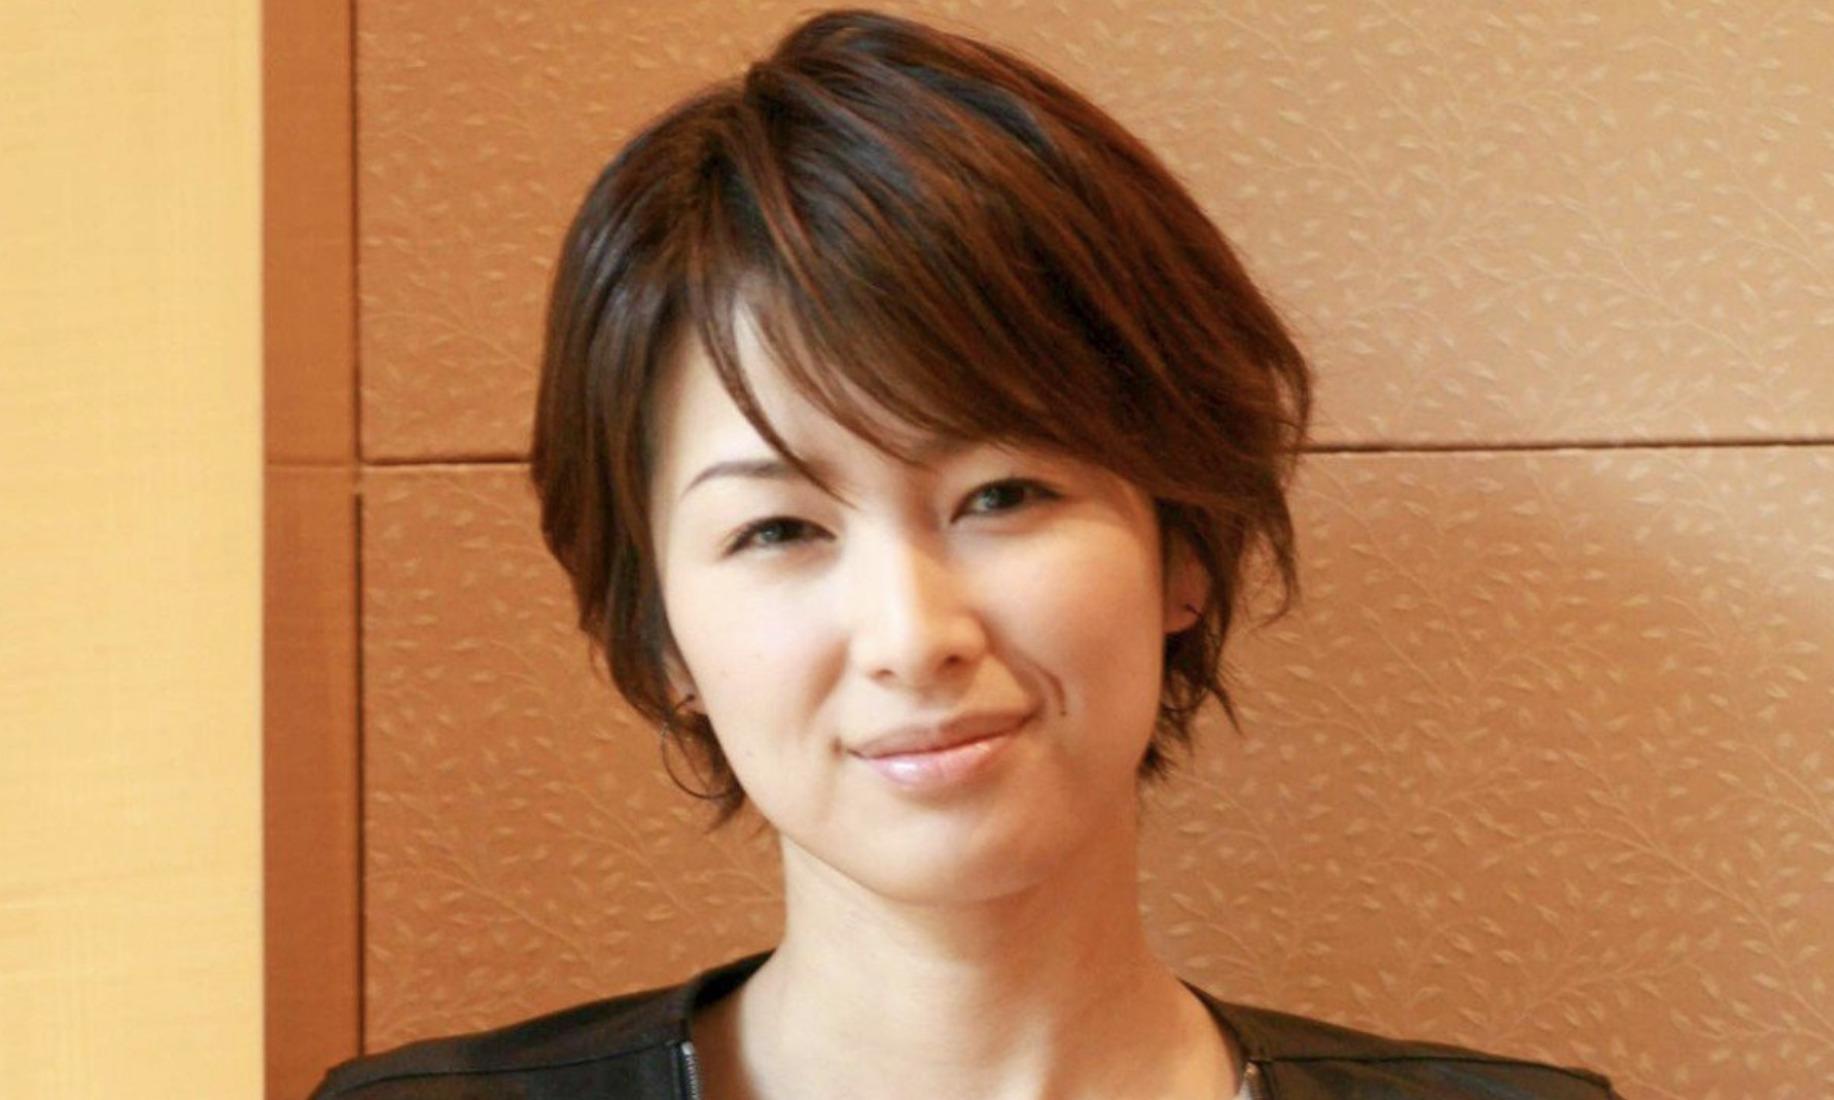 吉瀬美智子さんの画像